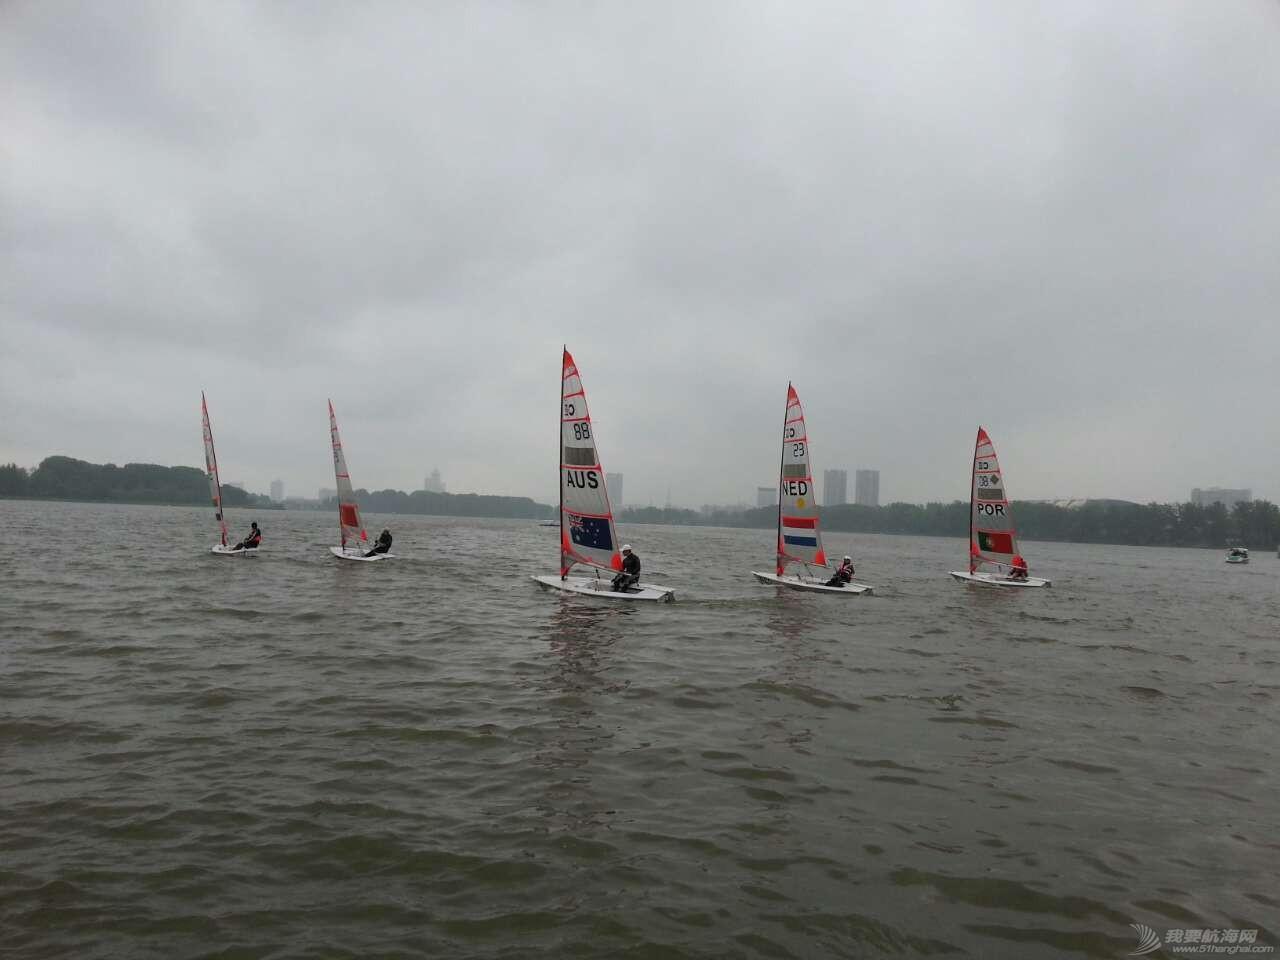 俱乐部,南京,帆船 南京风之曲帆船俱乐部